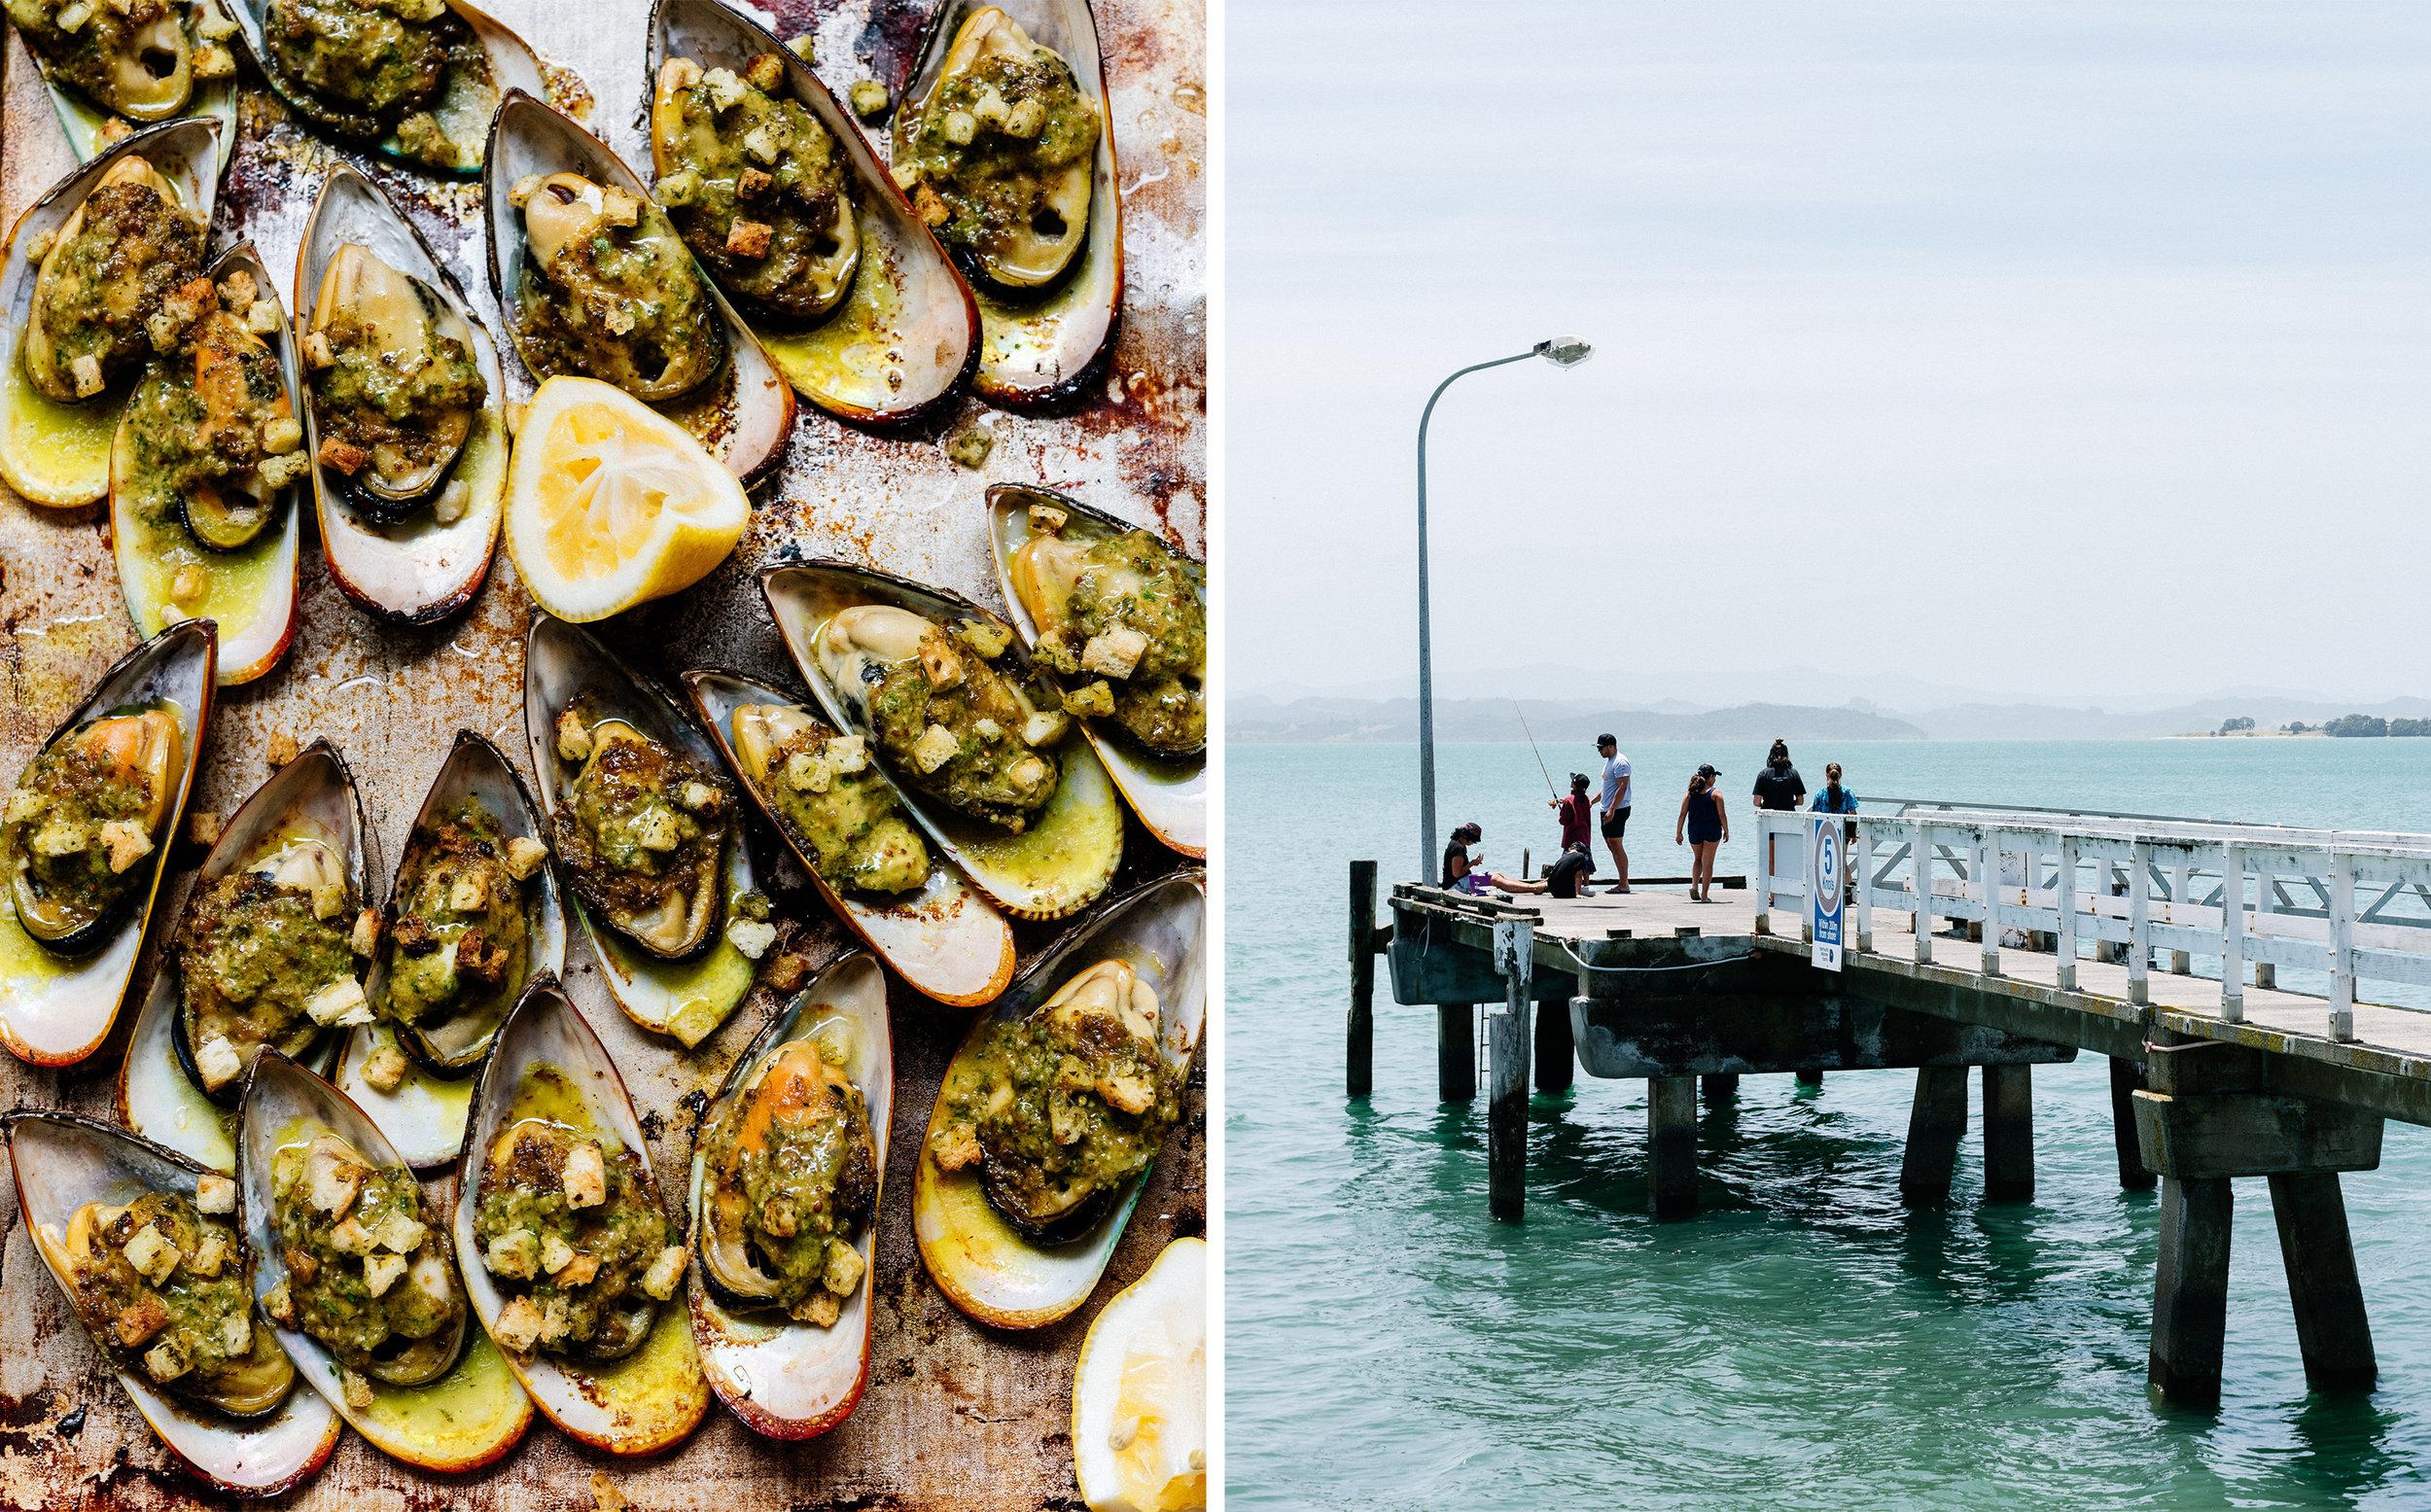 Al-Brown-Eat-Up-NZ-Cookbook-Josh-Griggs-Photographer-Splits-34.jpg